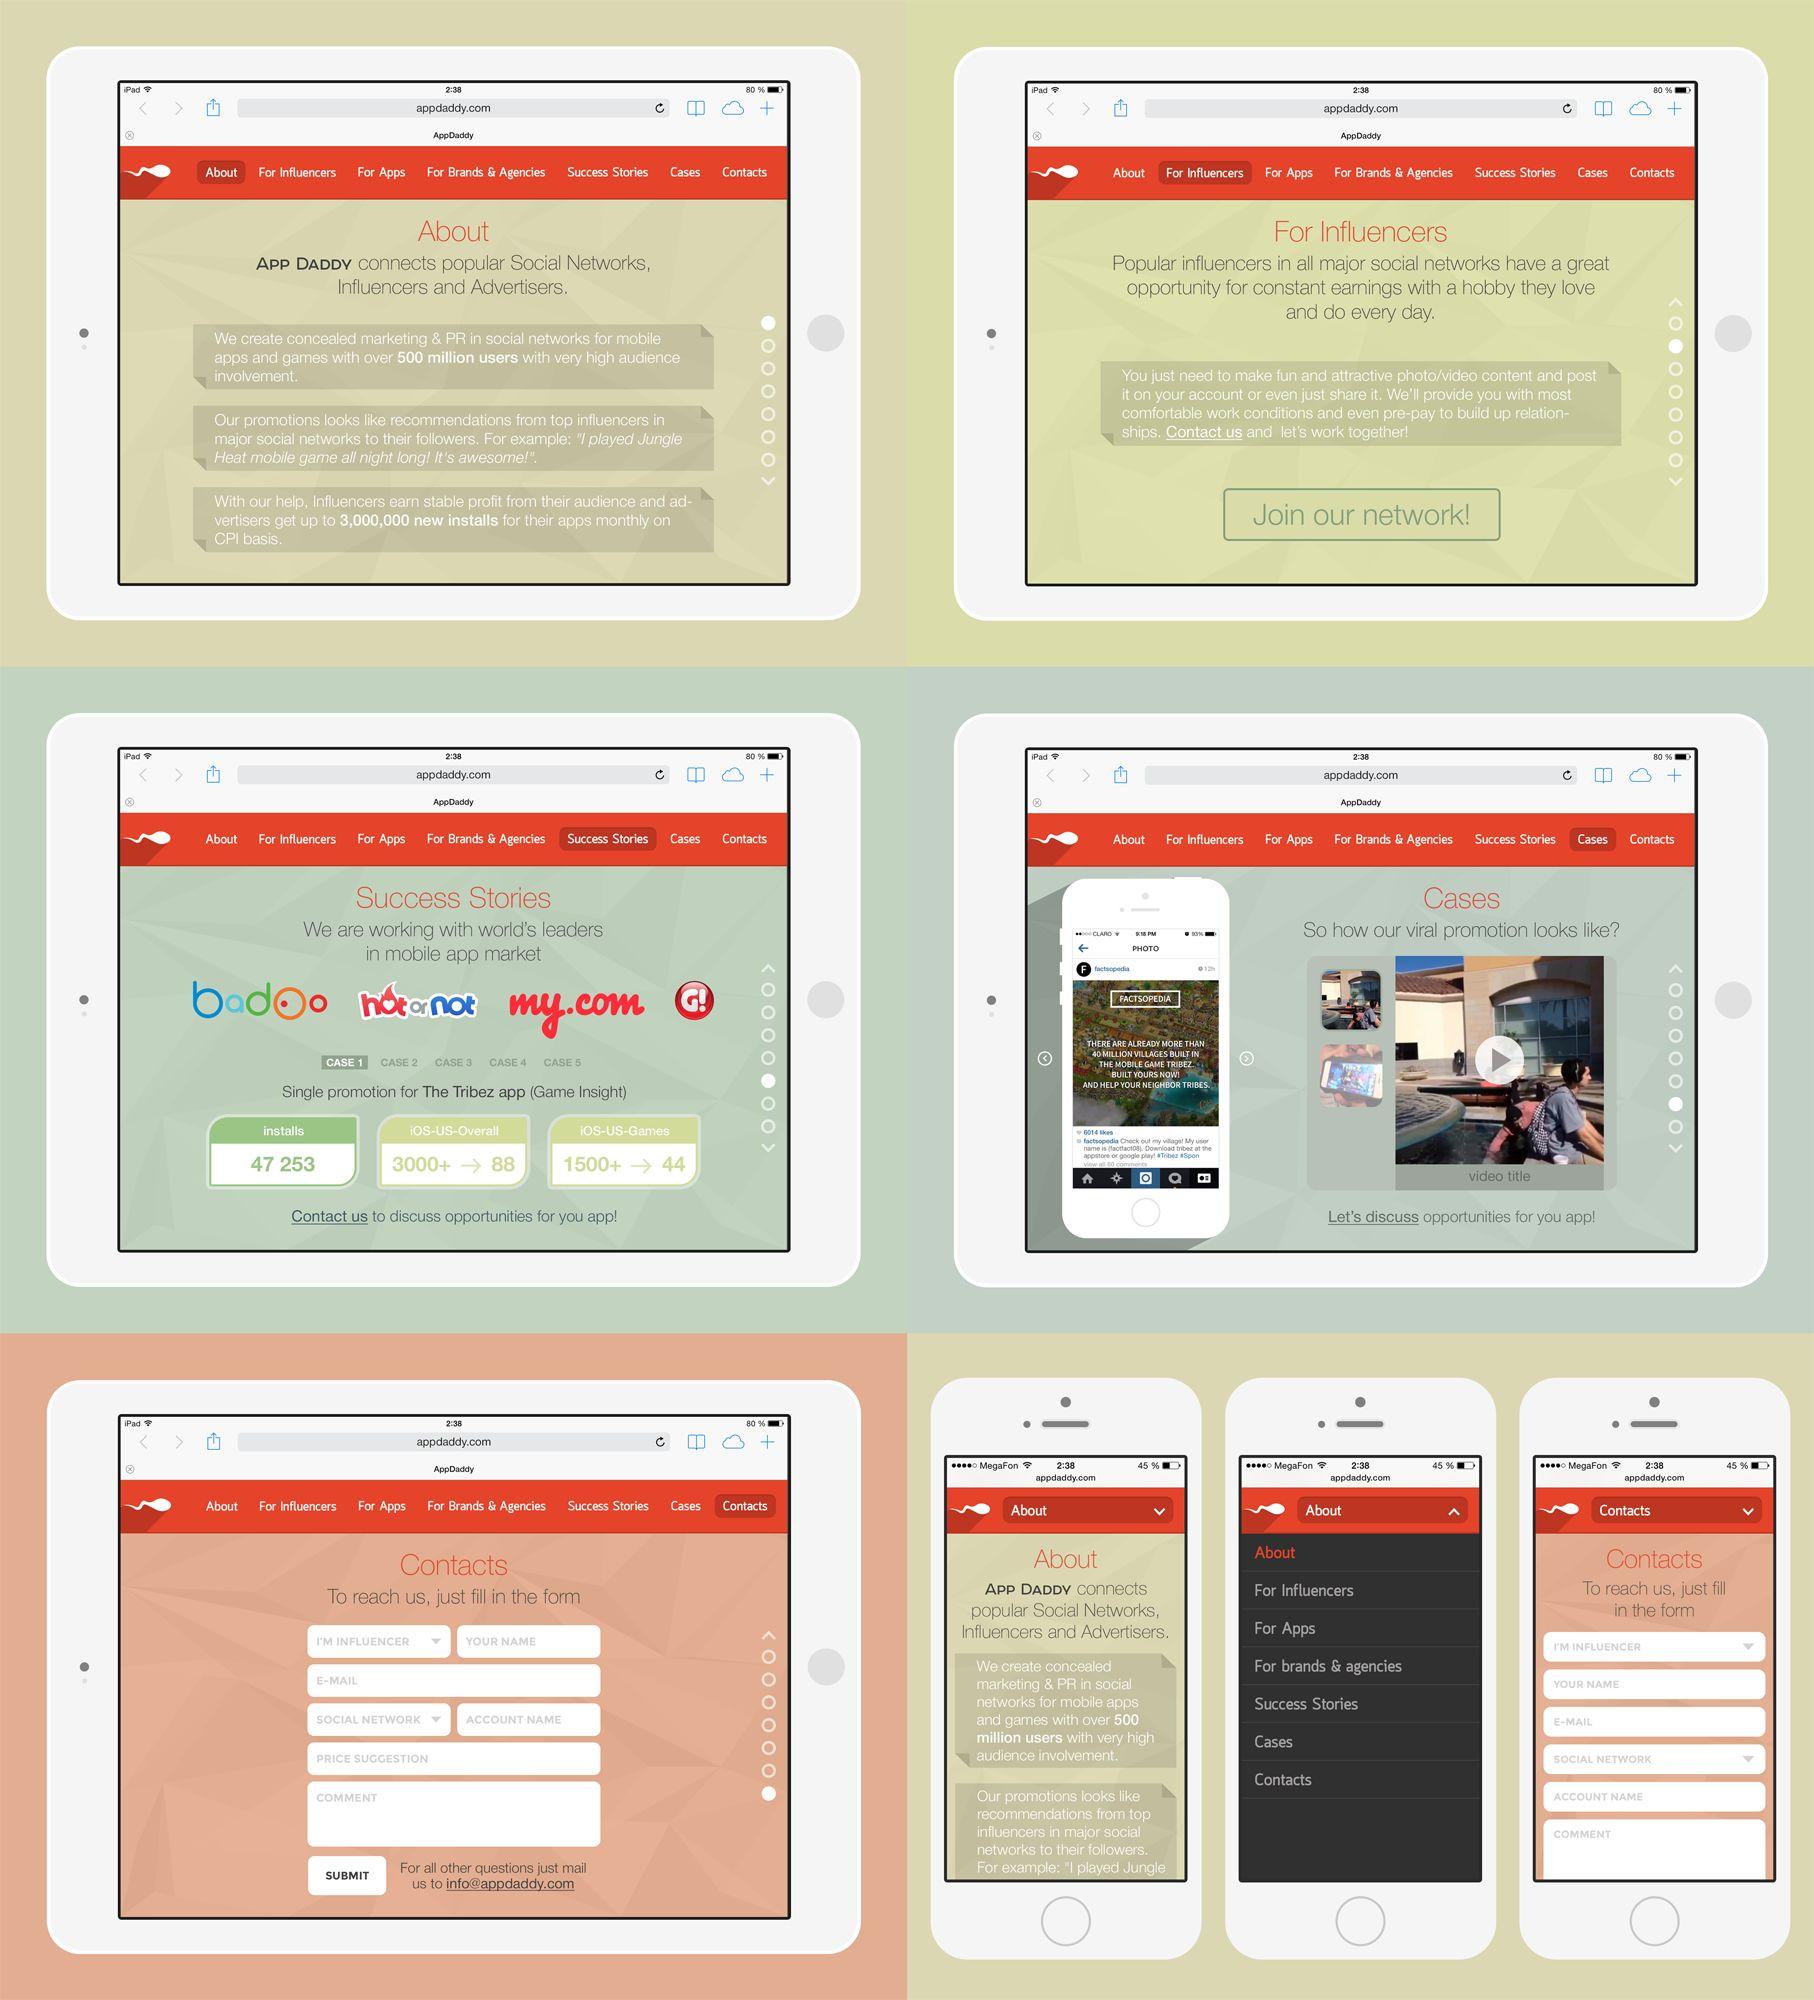 Адаптивный дизайн главной сайта (под мобилки) - дизайнер philipp